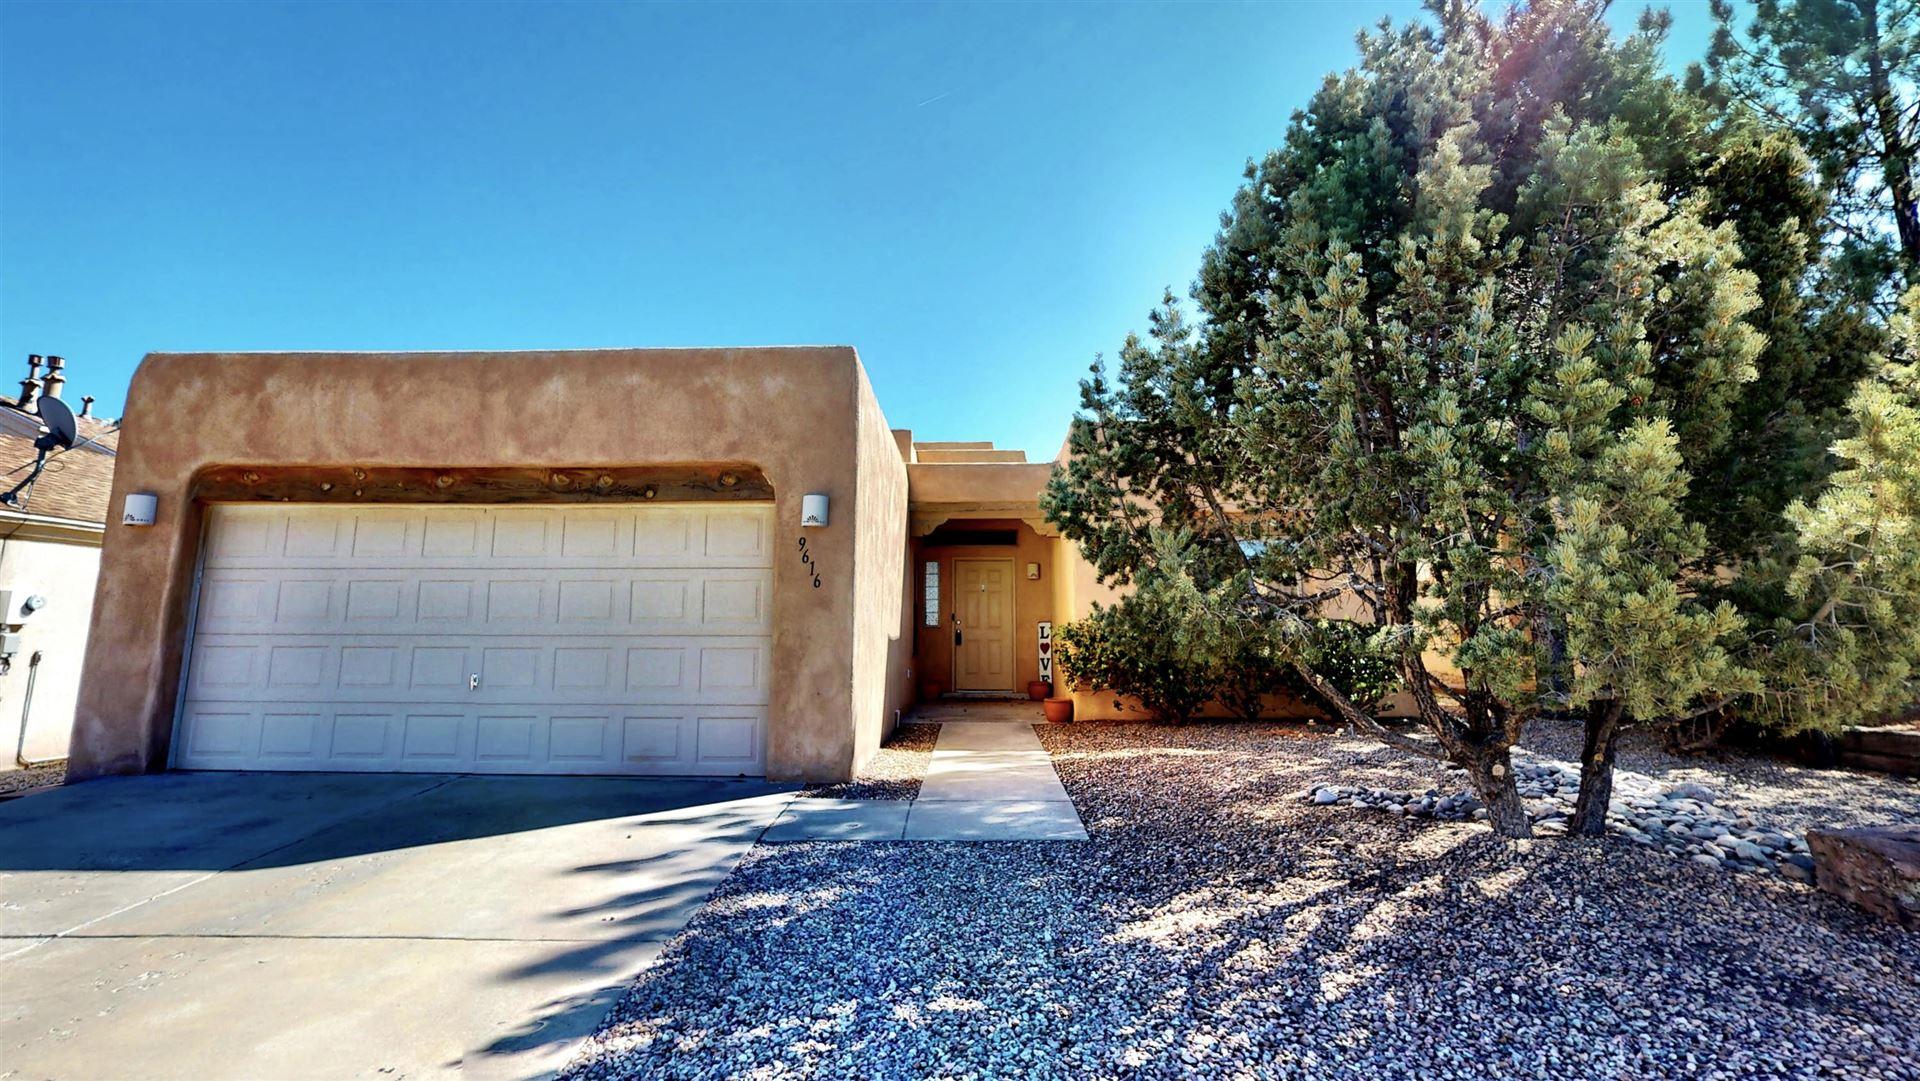 Photo of 9616 VISTA CASITAS Drive NW, Albuquerque, NM 87114 (MLS # 986494)